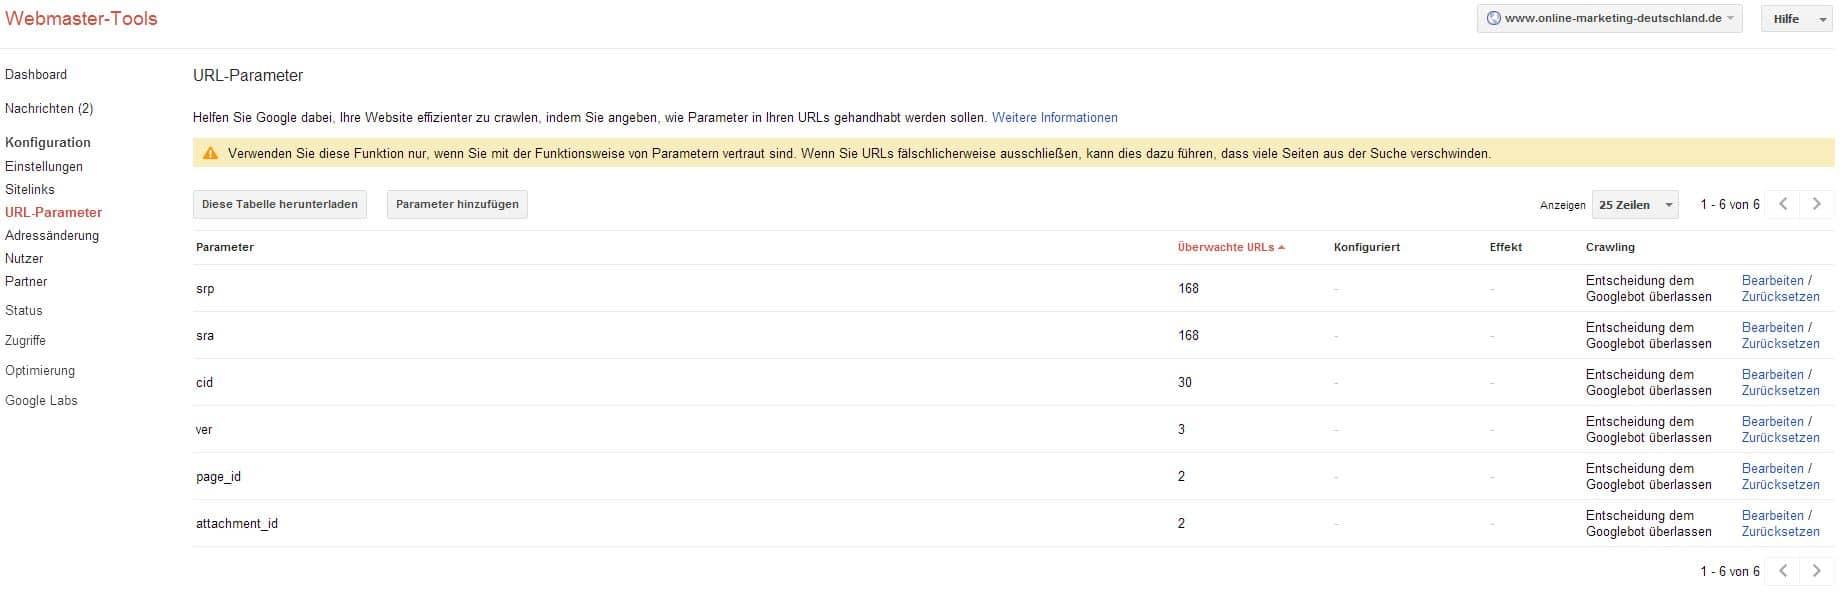 Webmaster Tools Google Index